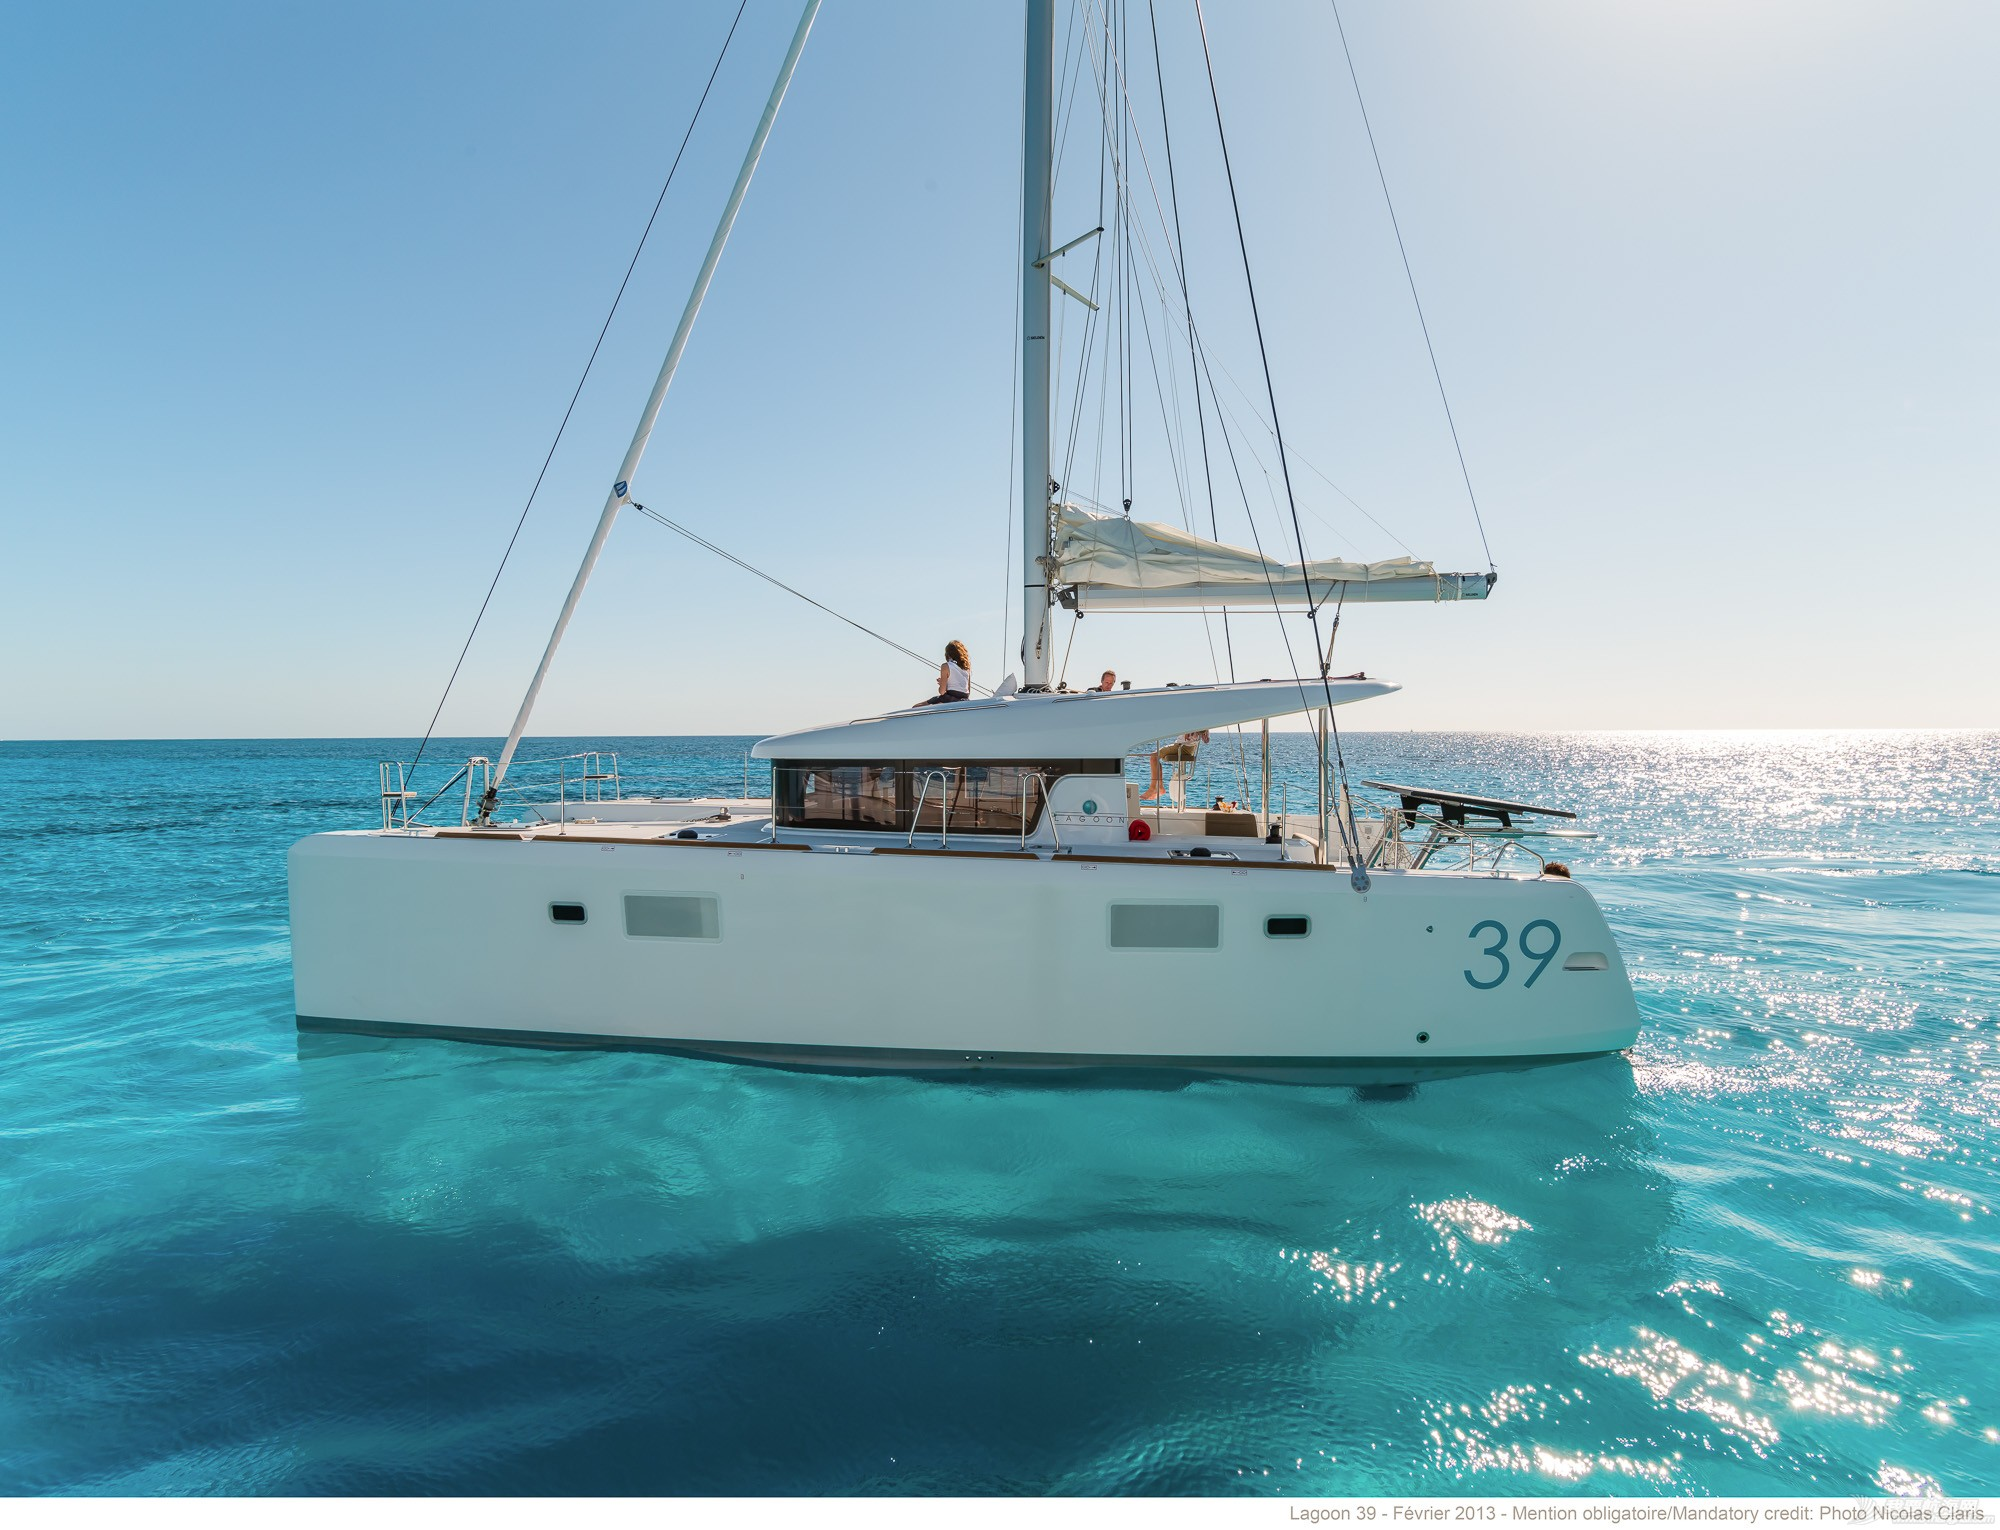 帆船 lagoon 39 蓝高39双体帆船 蓝高39双体帆船